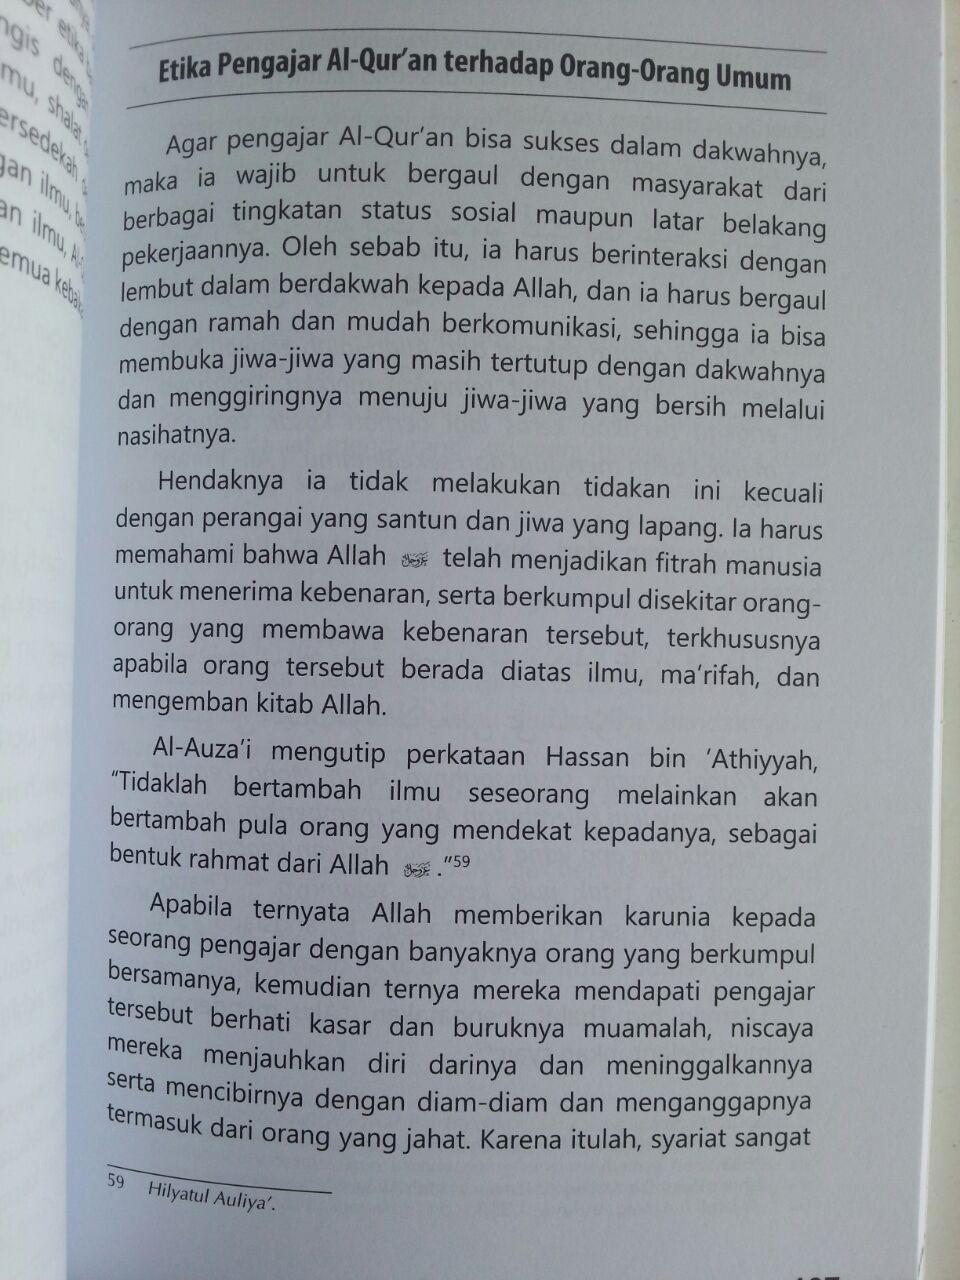 Buku Adab-Adab Halaqah Al-Qur'an Belajar Dari Tradisi Ulama isi 4